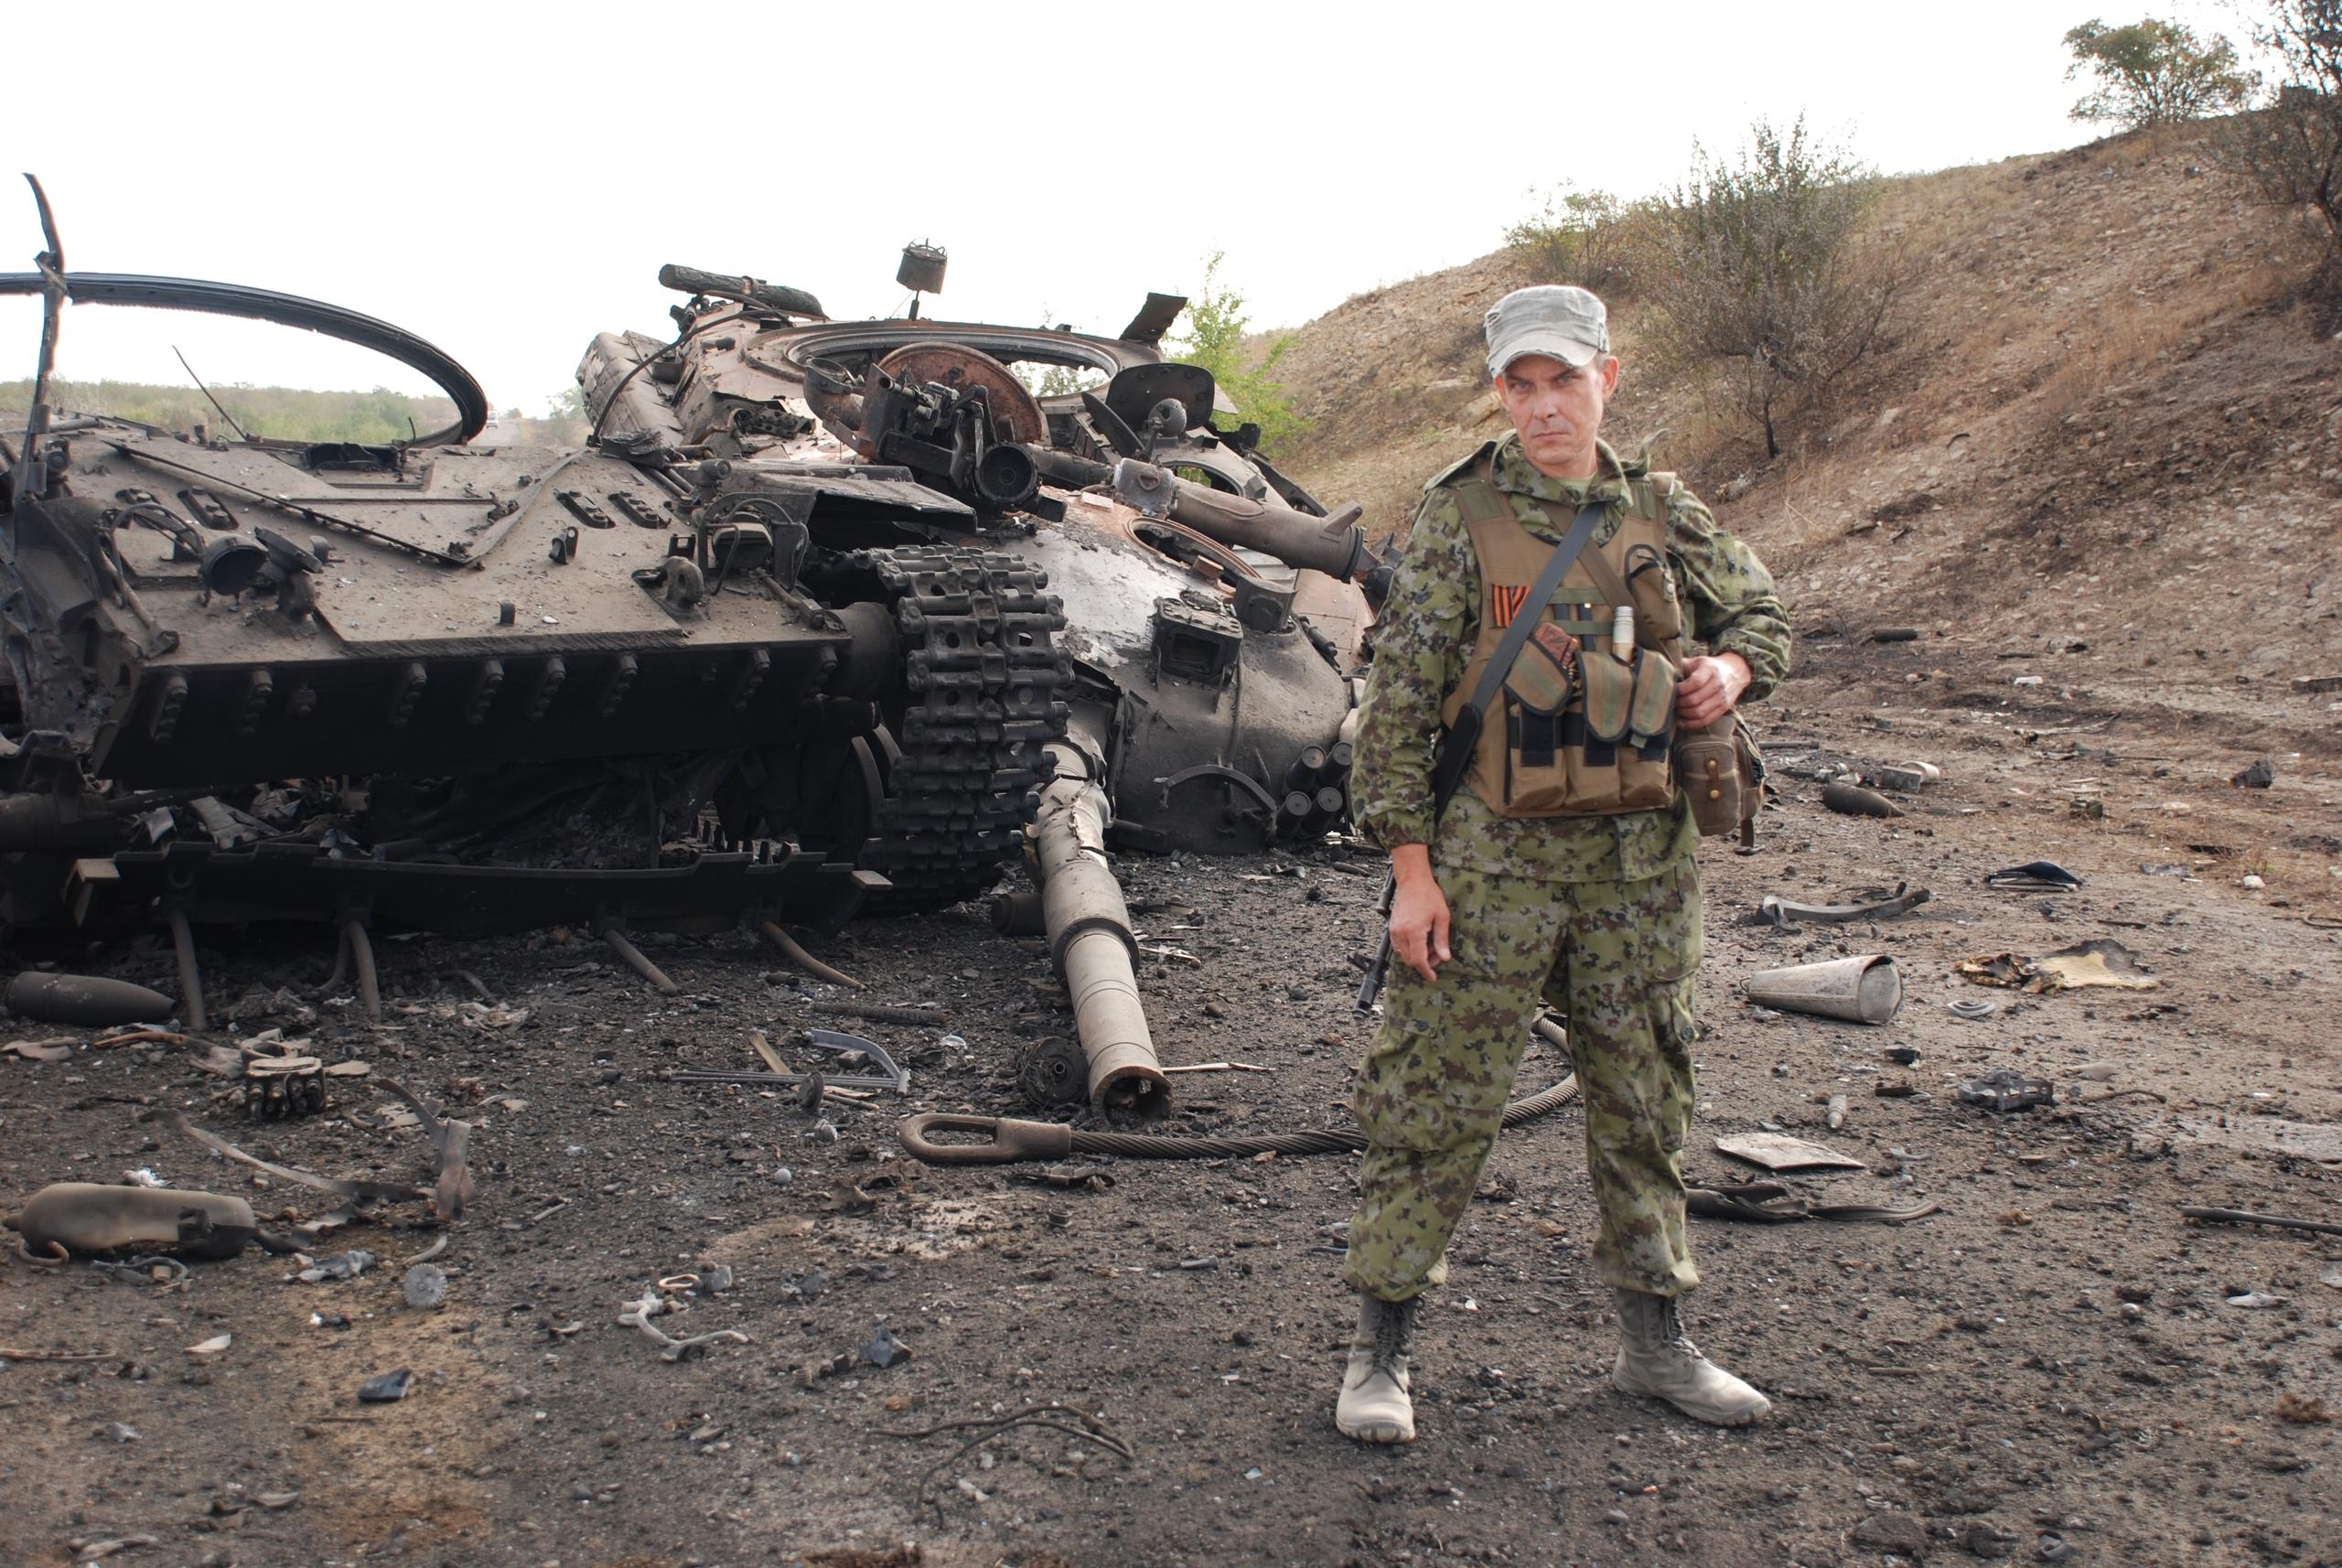 Между империей и кочергой в заднице? Вопросы бойцов Донбасса братьям-белорусам